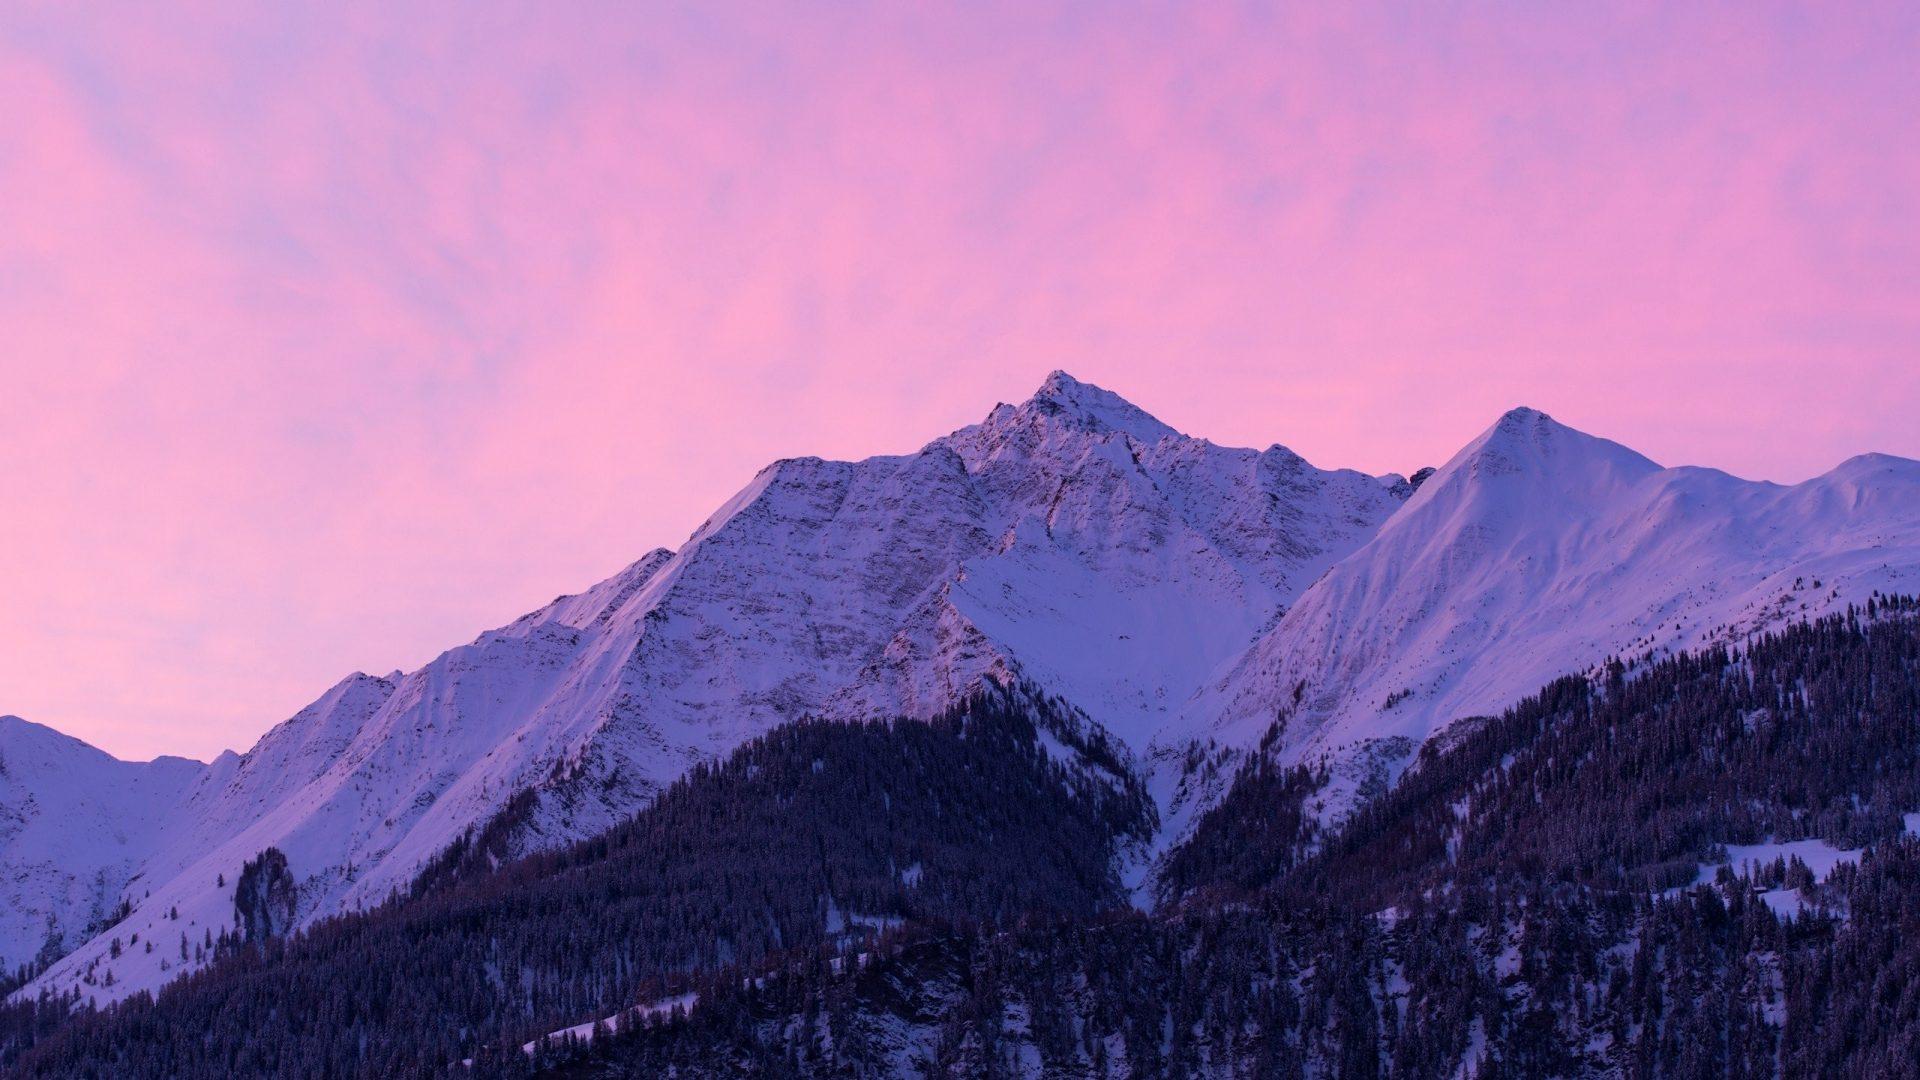 Mountain Wallpaper 1920x1080 1920x1080 Download Hd Wallpaper Wallpapertip